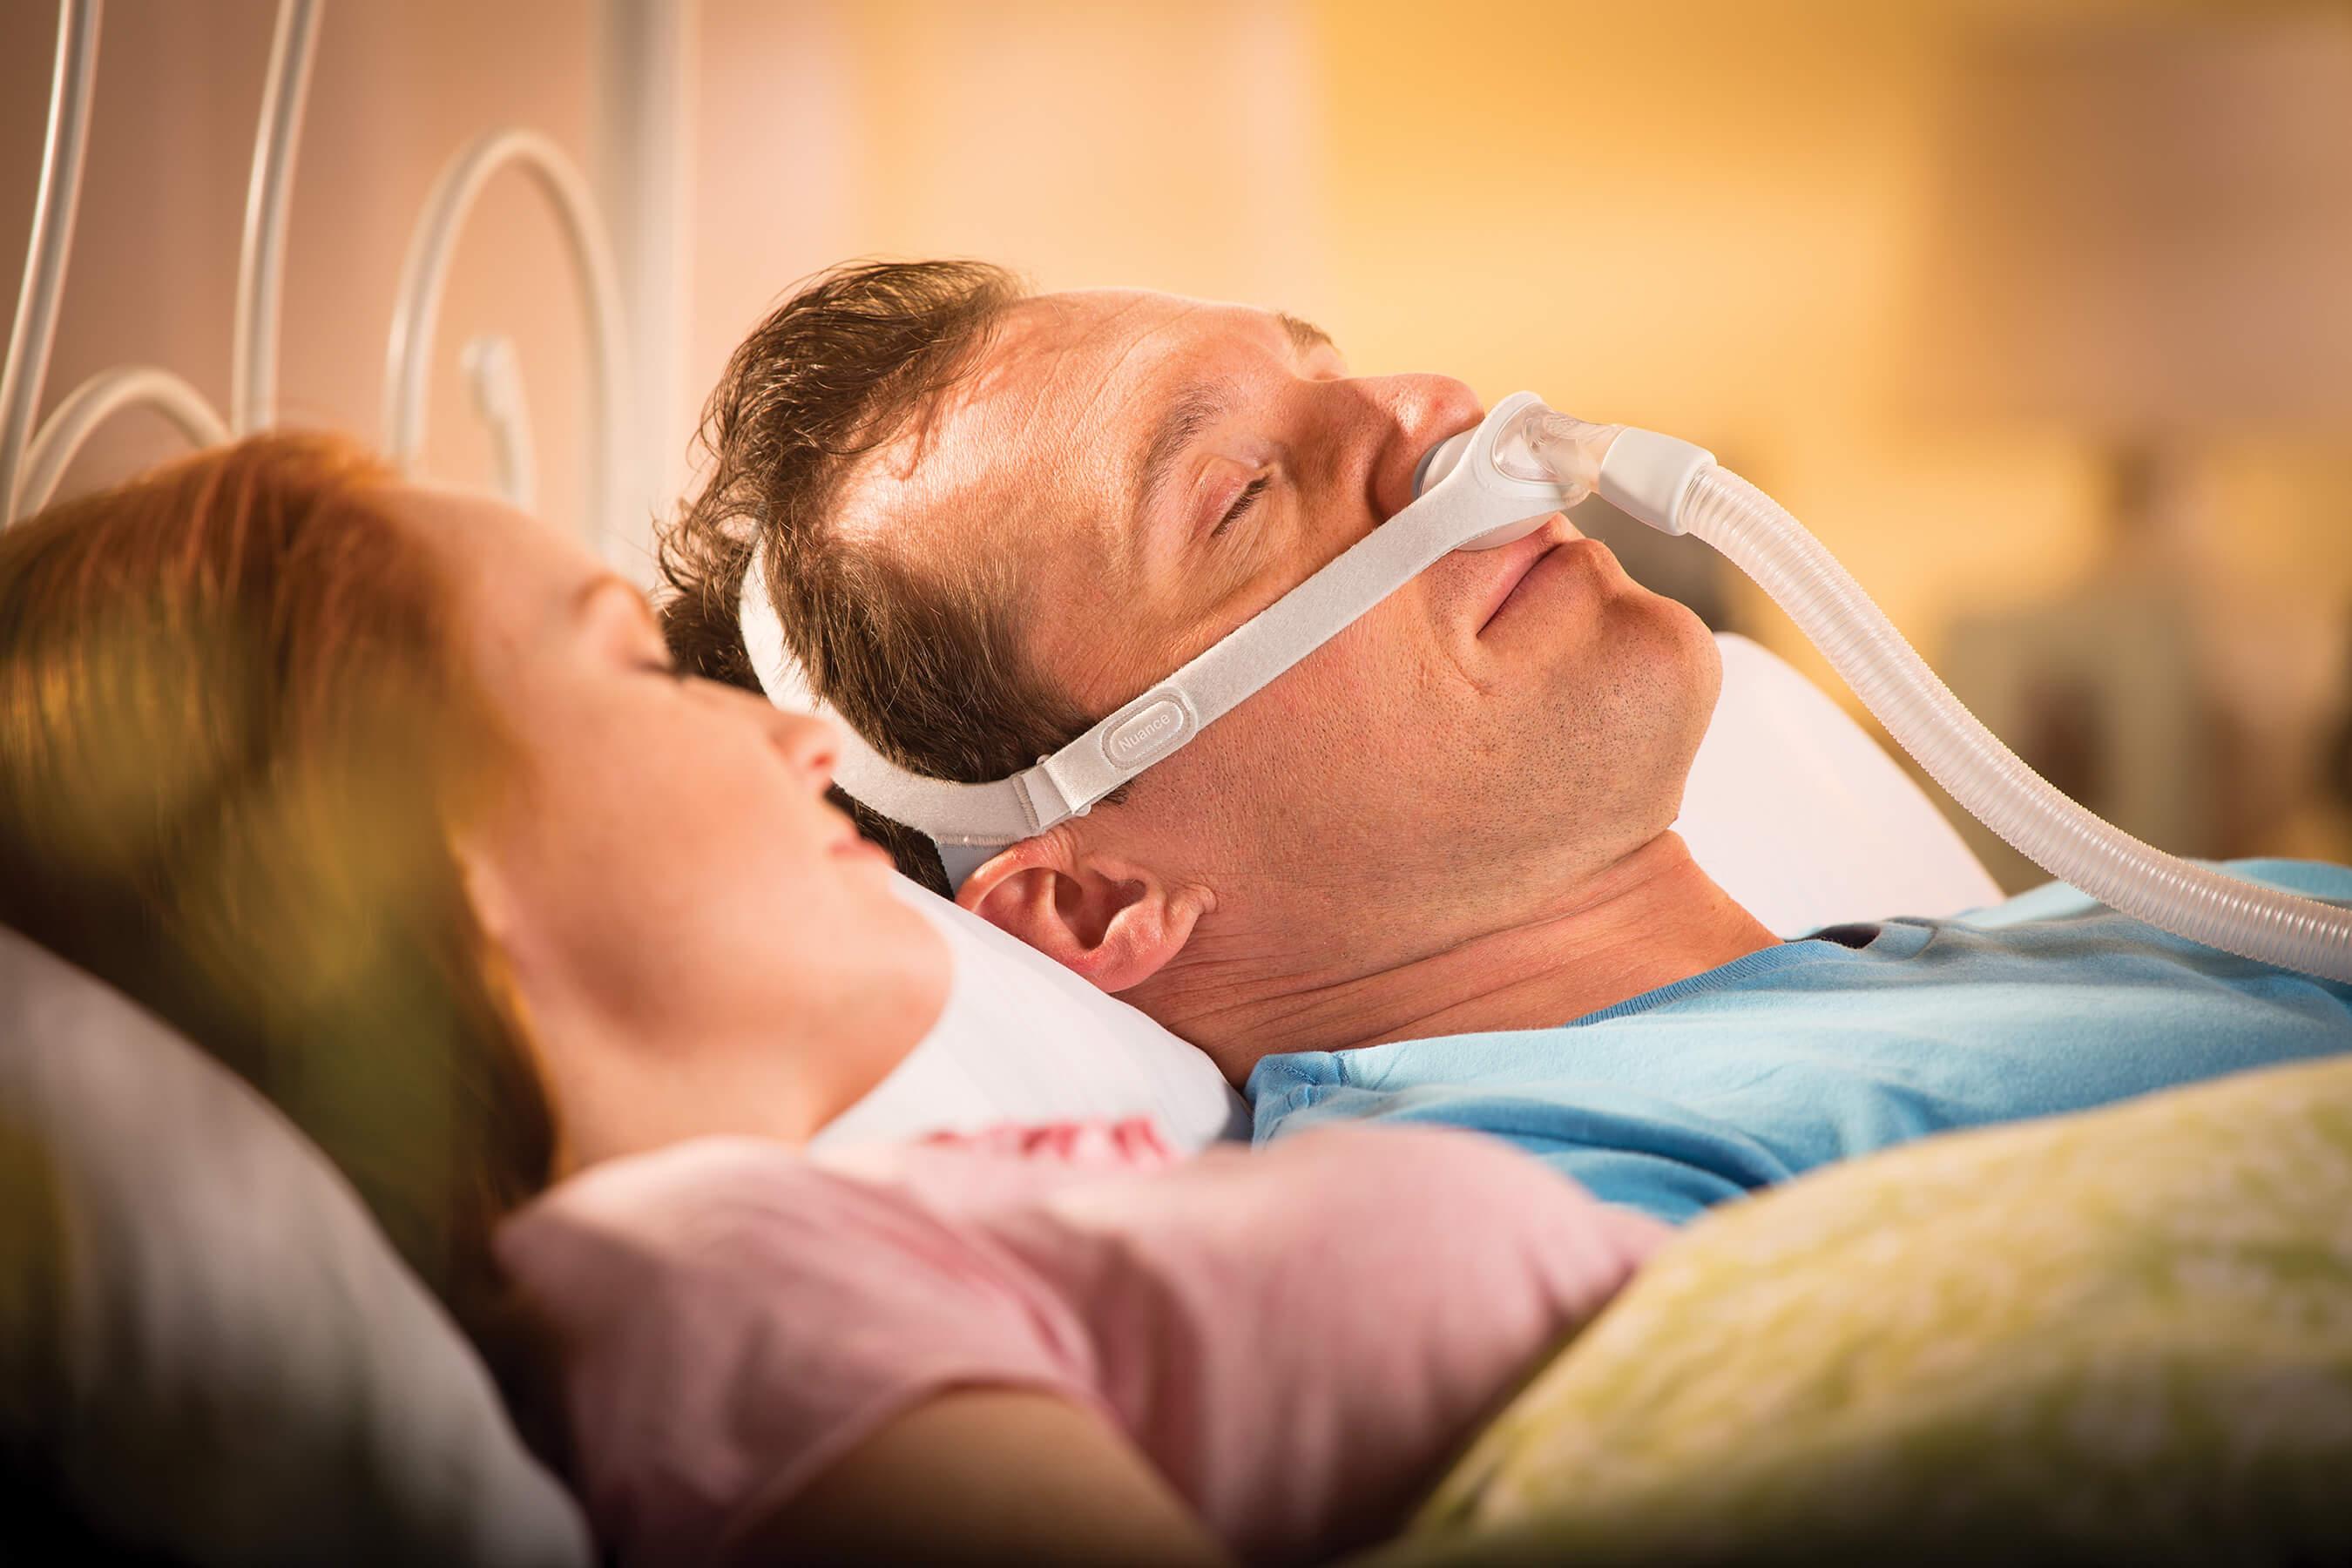 Синдром апноэ: причины, признаки, виды (обструктивное и дисрегуляторное), лечение